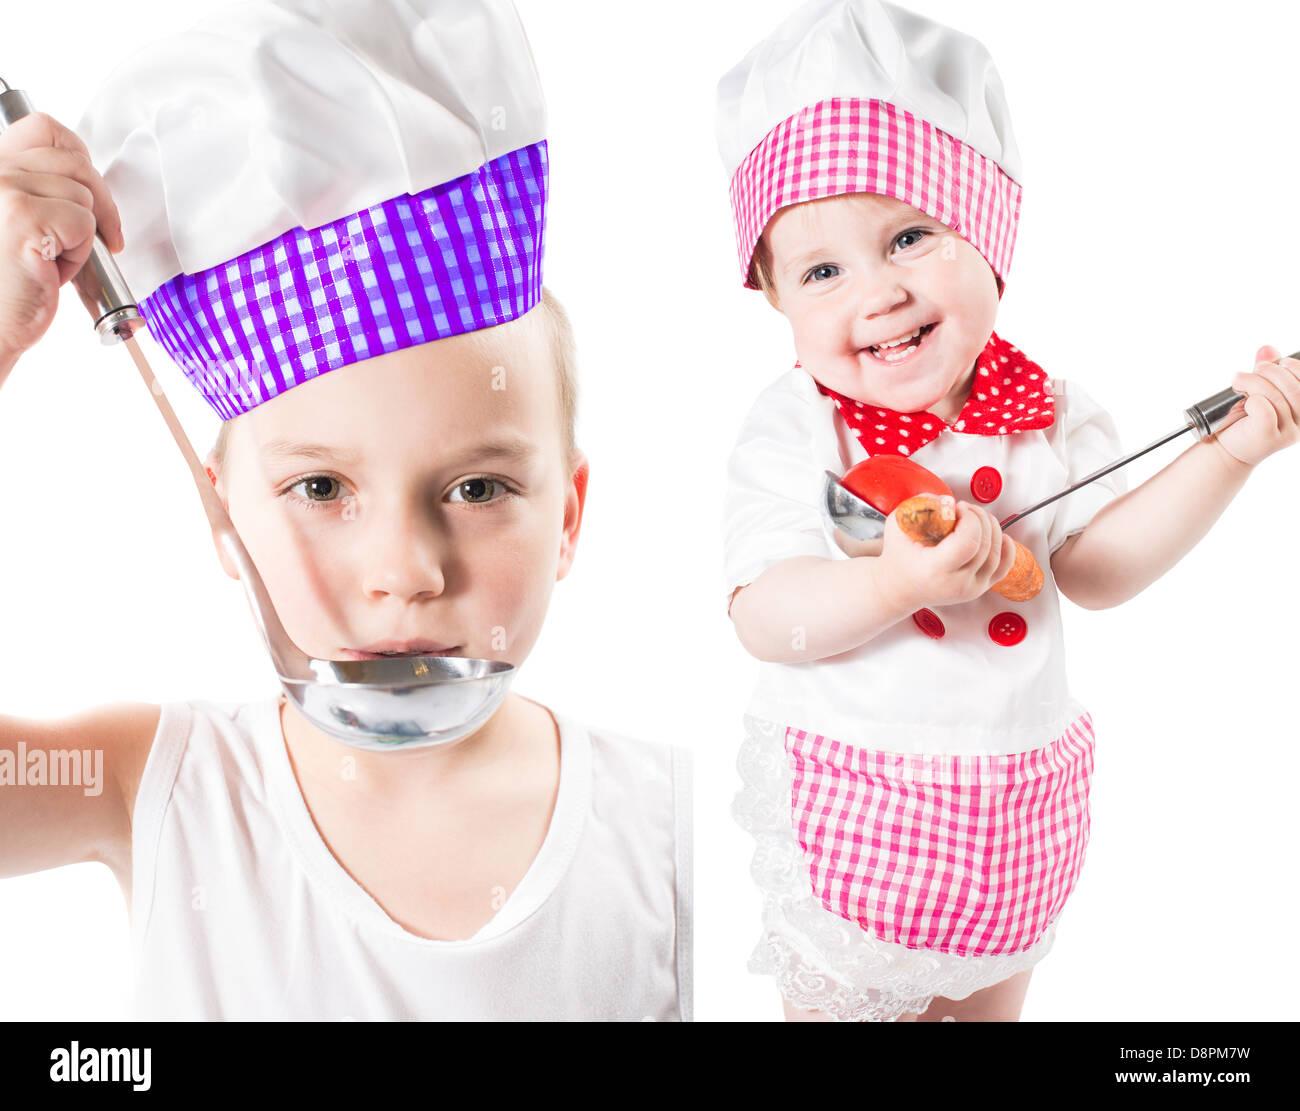 Los niños cocinar chico y chica vistiendo un sombrero de chef con pan  aislado sobre fondo blanco.El concepto de comida saludable y la infancia a57a2f8020db